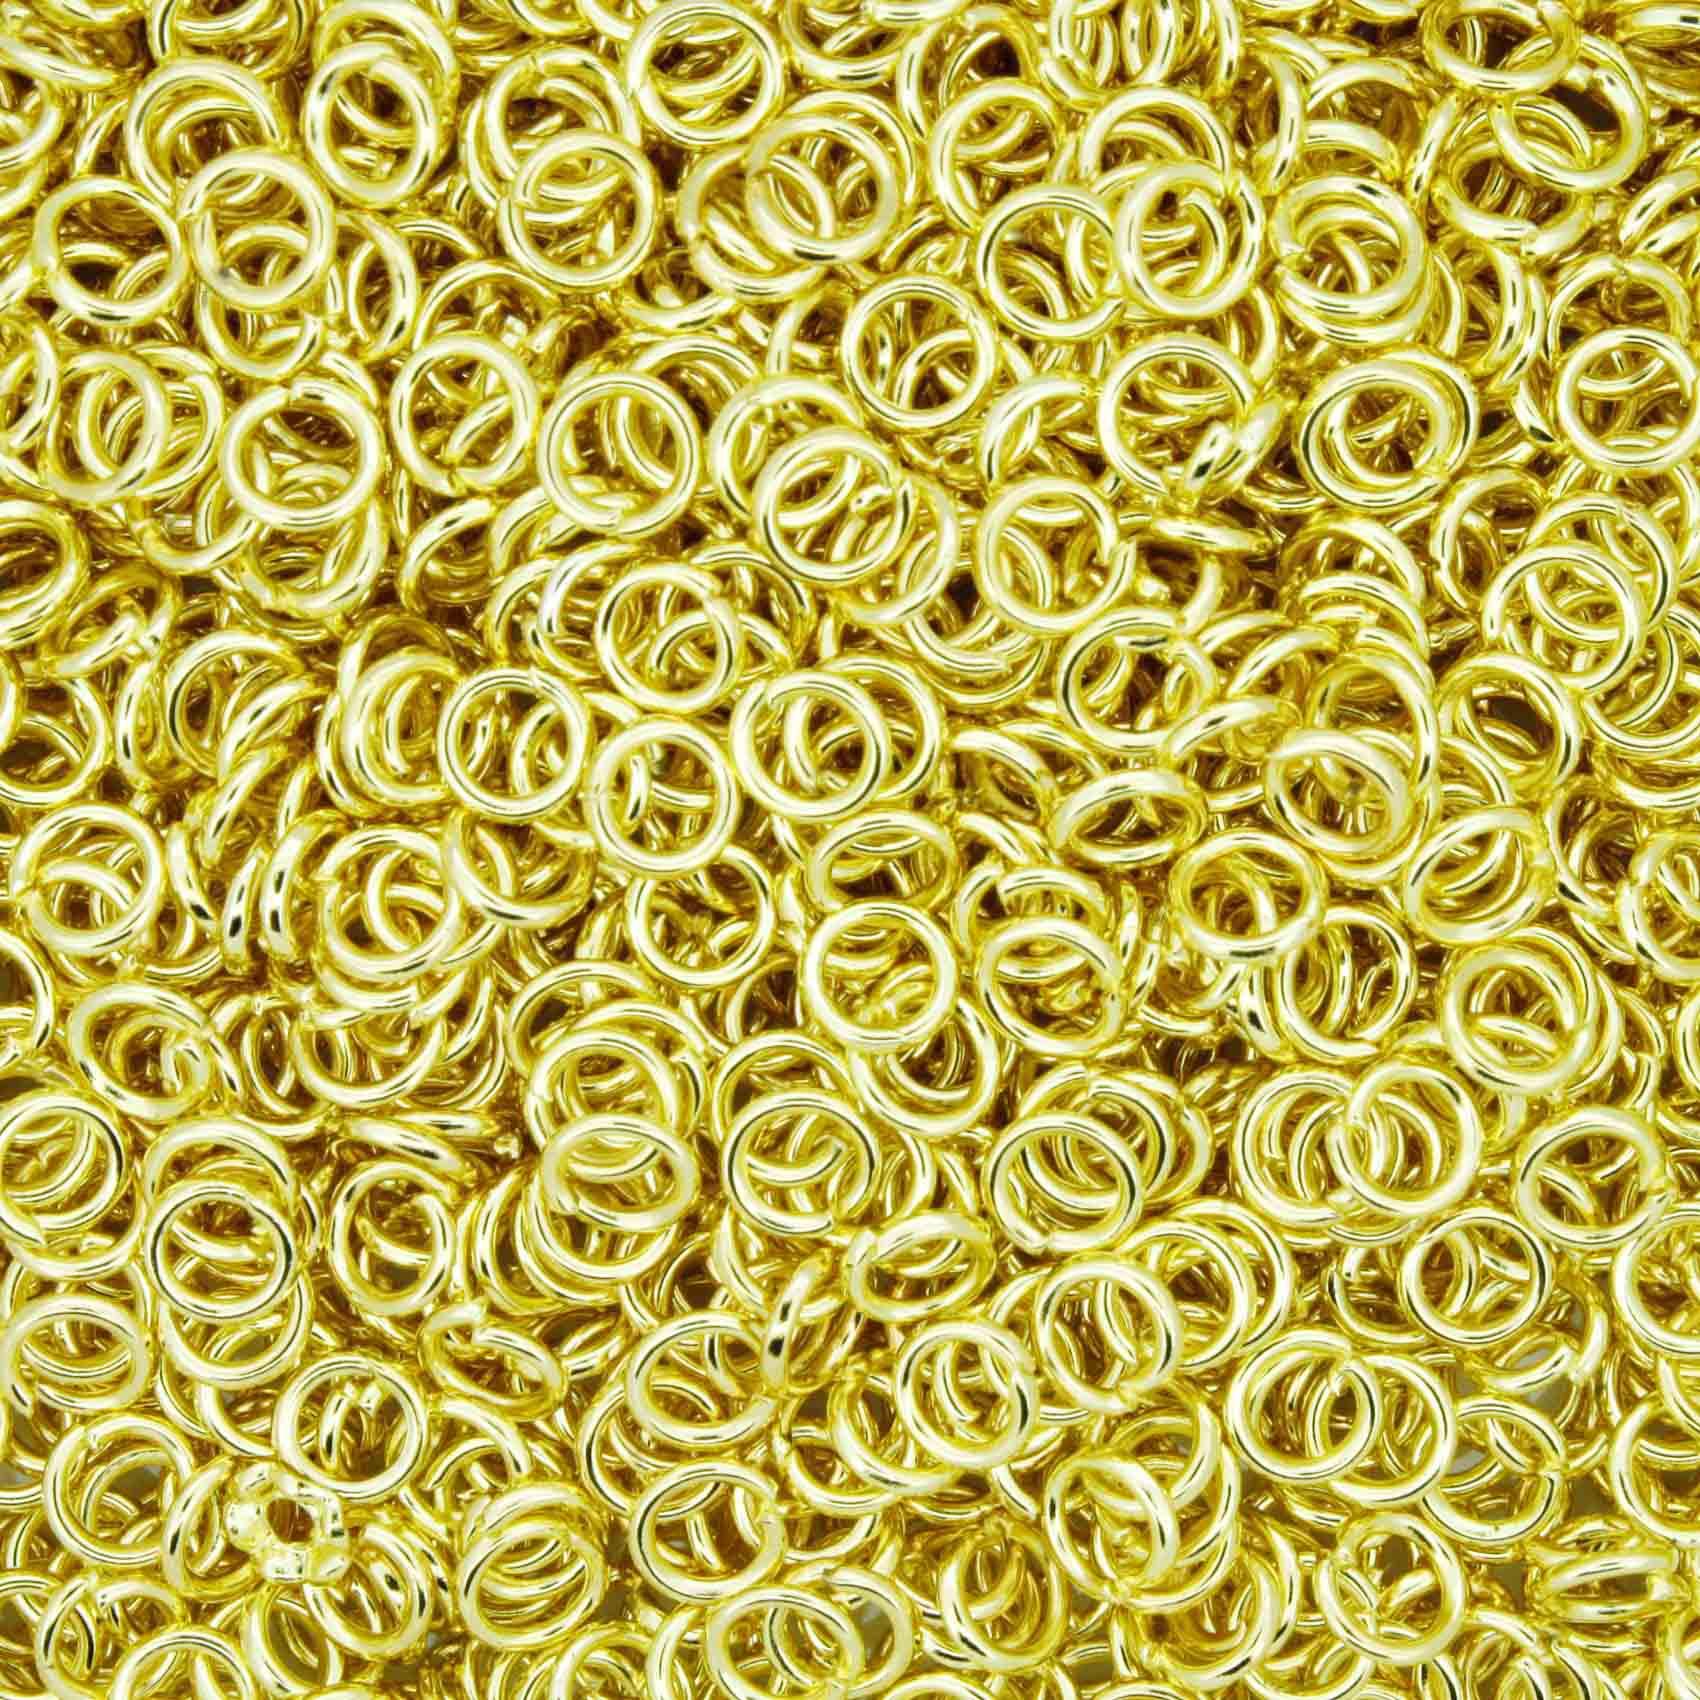 Argola p/ Montagem - Dourada - 4mm  - Universo Religioso® - Artigos de Umbanda e Candomblé